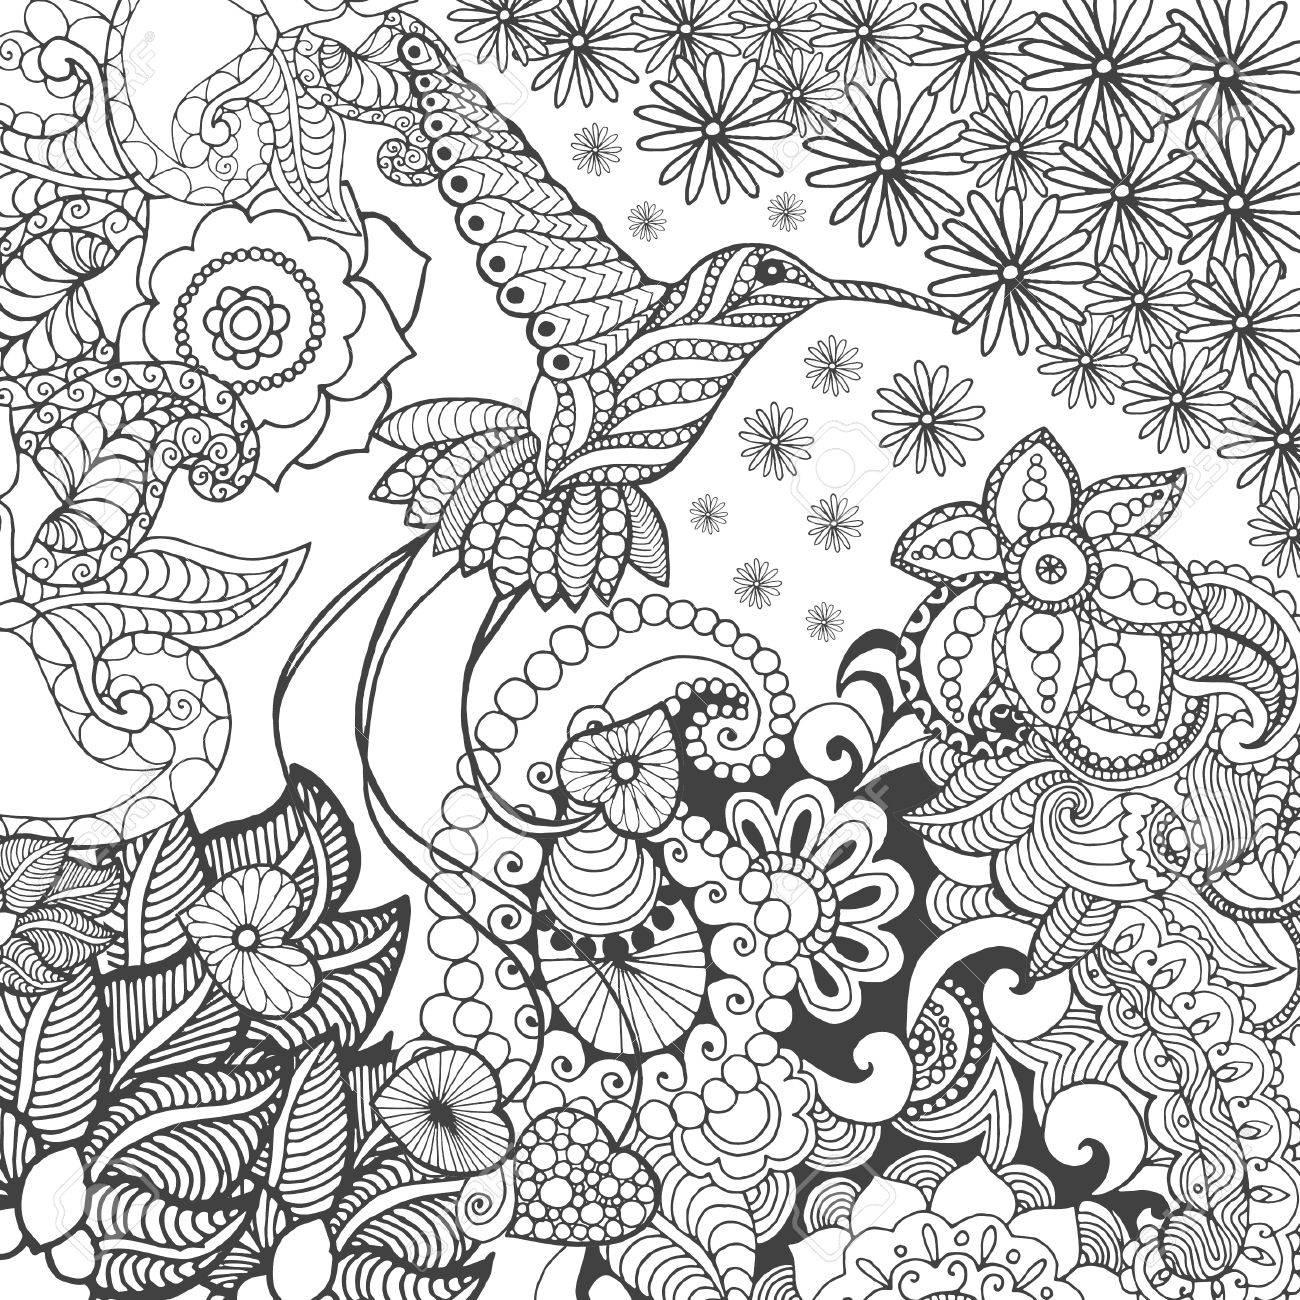 幻想の庭の鳥の楽園。動物。手描き落書き。民族模様のイラスト